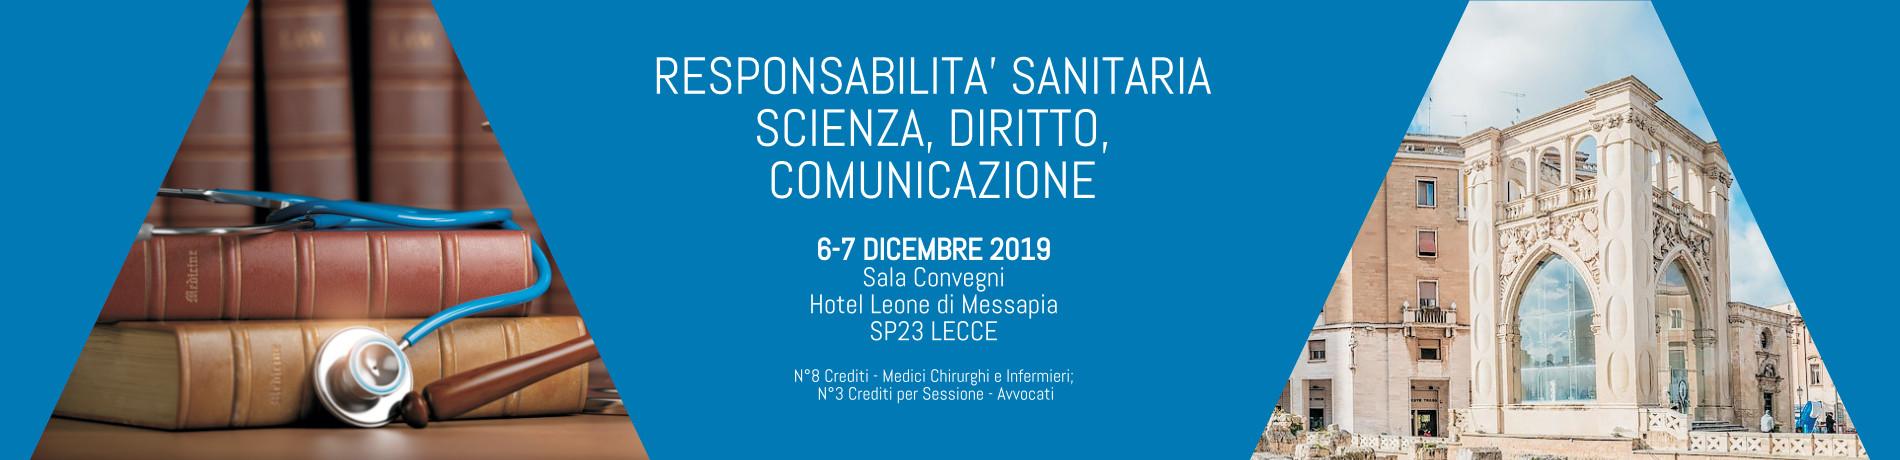 https://www.formedica.it/wp/wp-content/uploads/2019/11/2019_12_06_07_RESPONSABILITA'-SANITARIA-–-SCIENZA-DIRITTO-COMUNICAZIONE.jpg